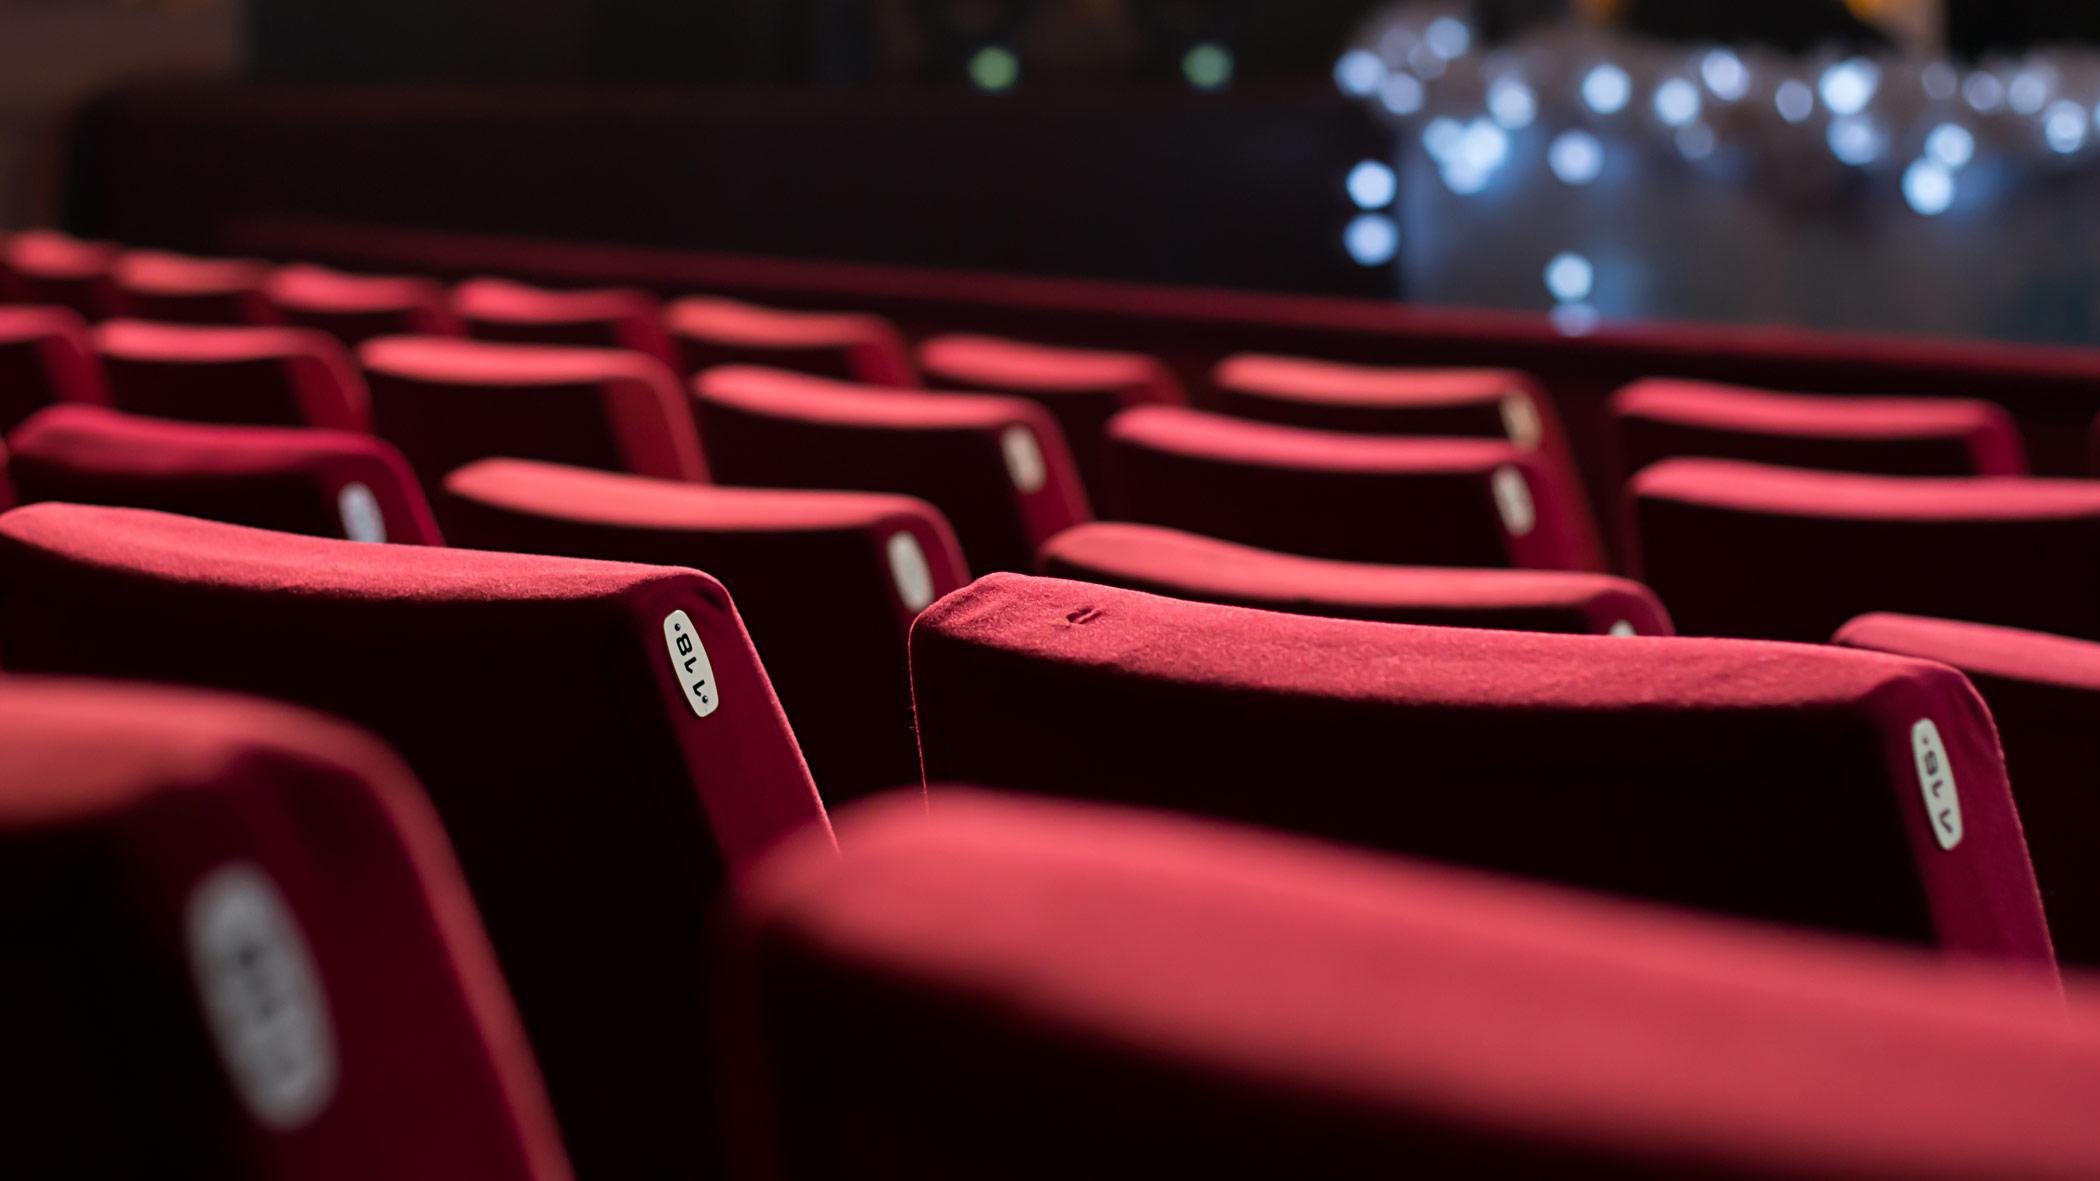 avenue-of-the-arts-costa-mesa-theatre